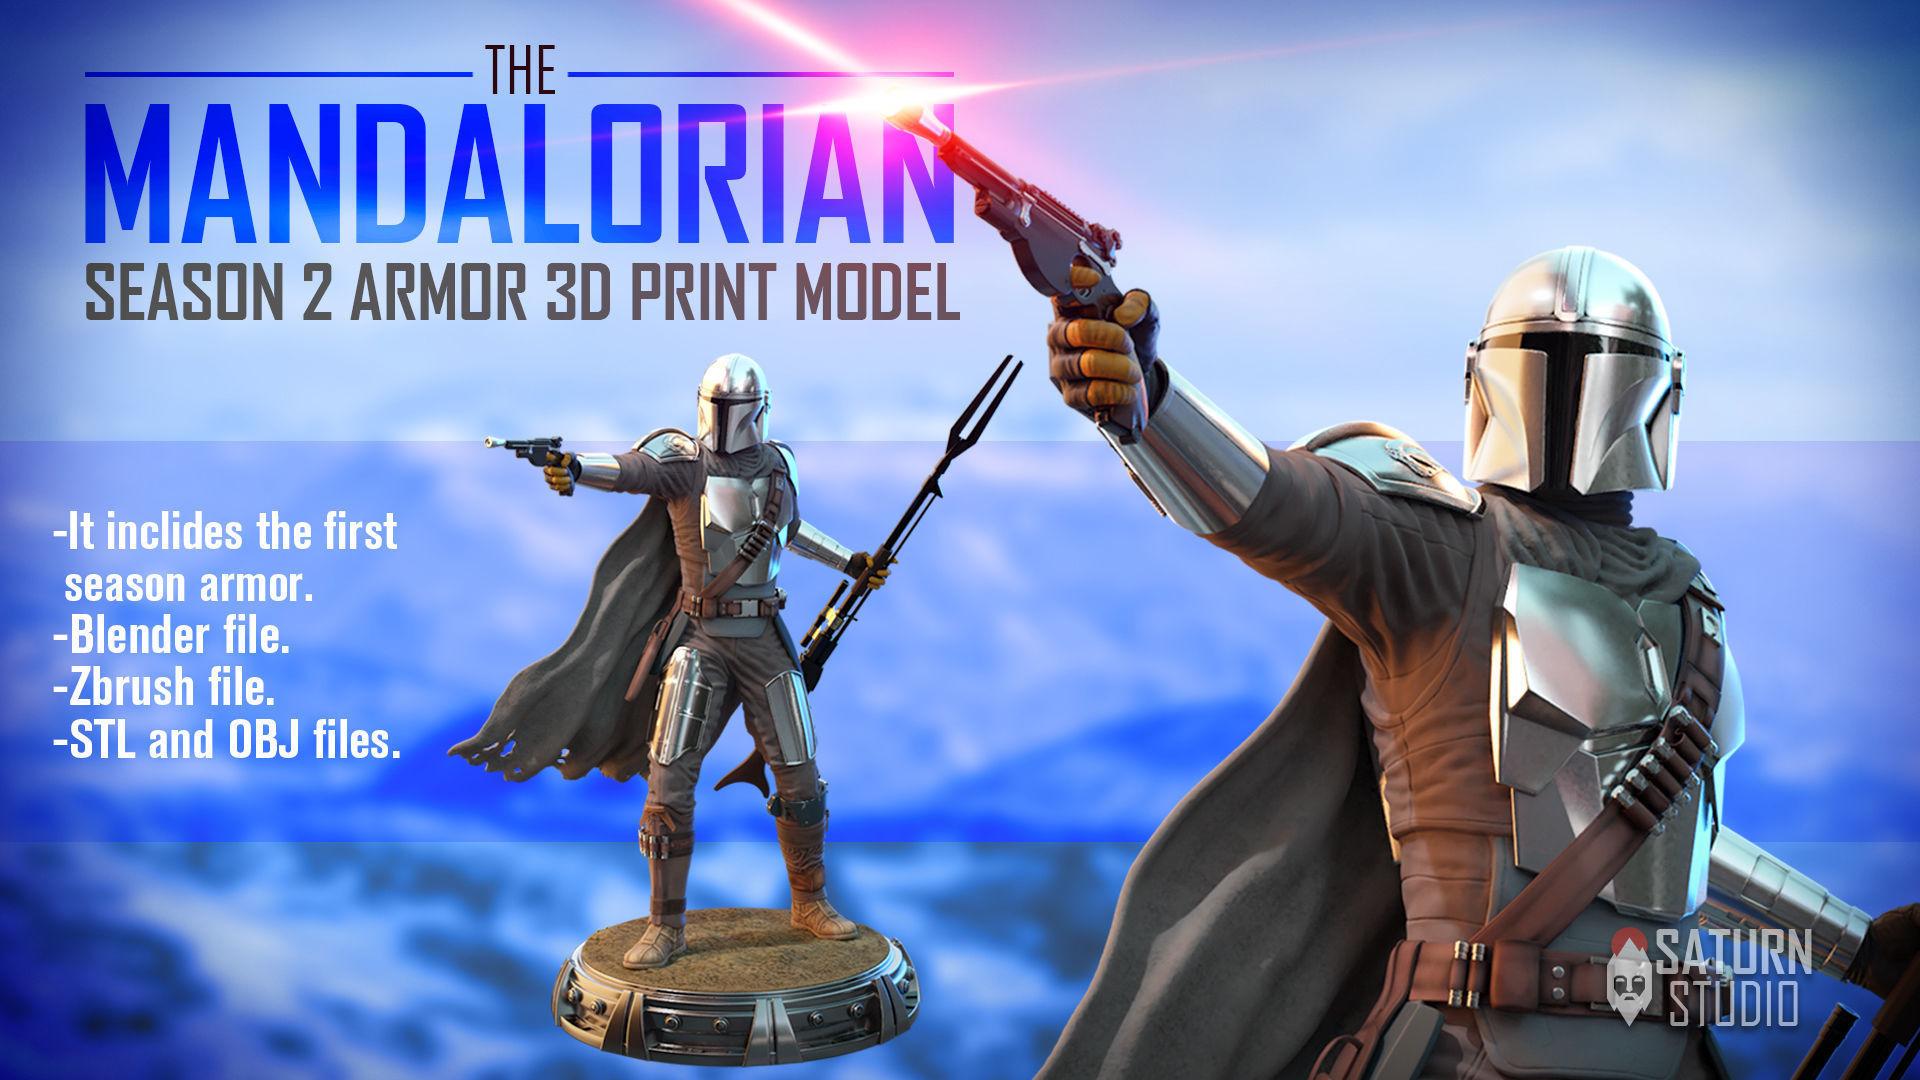 The mandalorian 3d print model